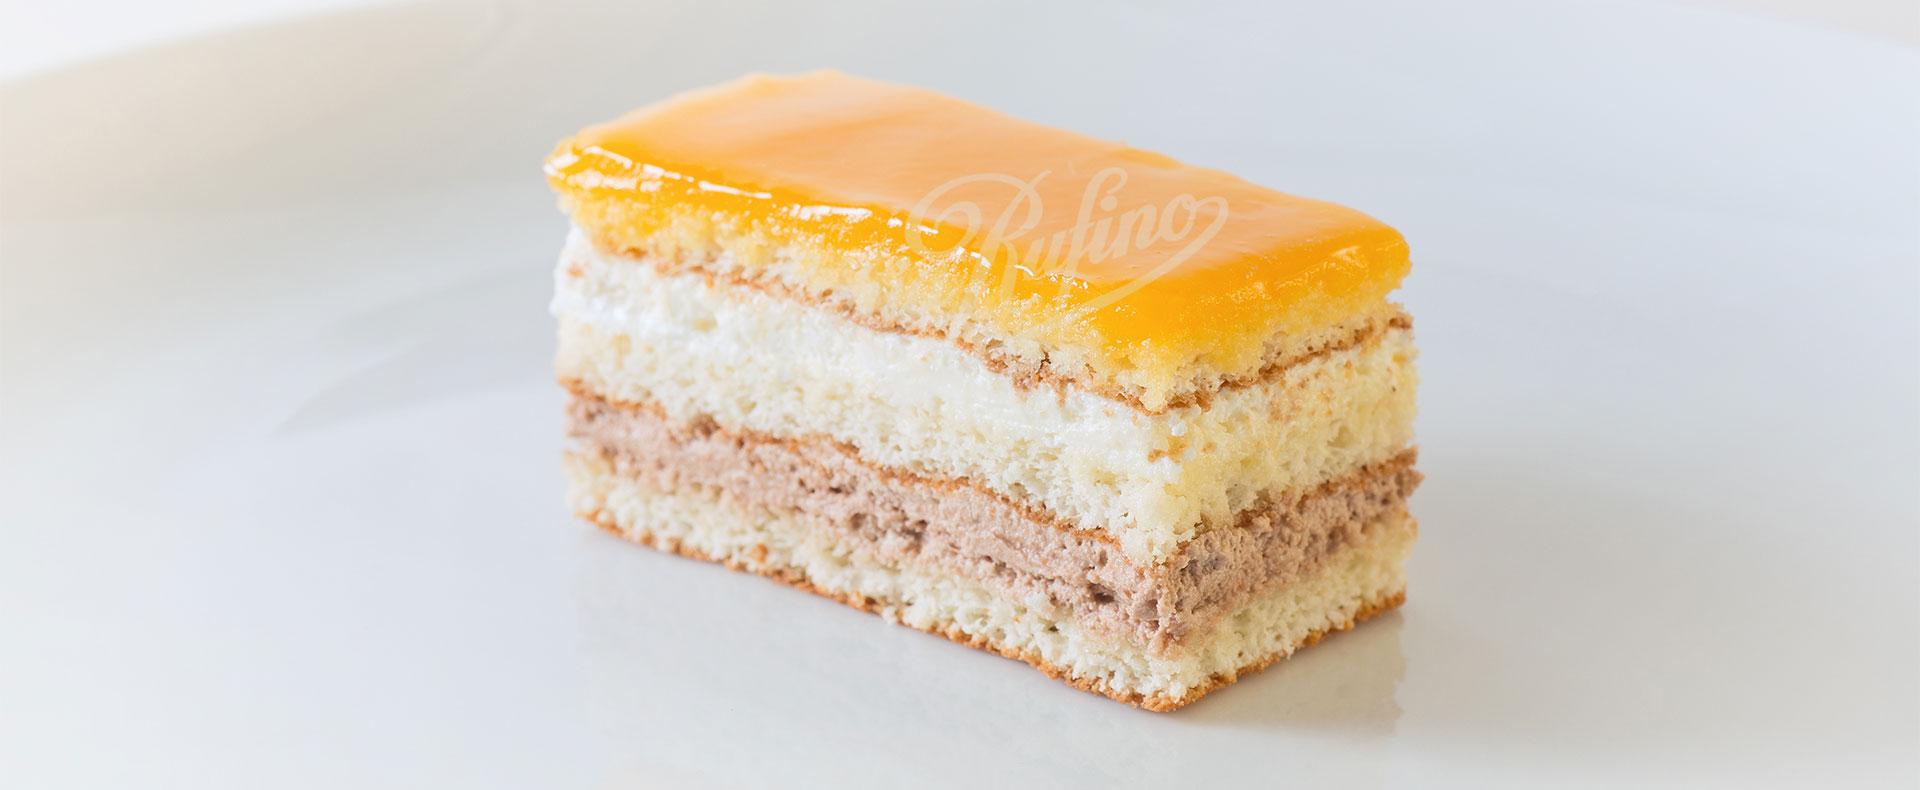 pastel evita Confitería Rufino Aracena